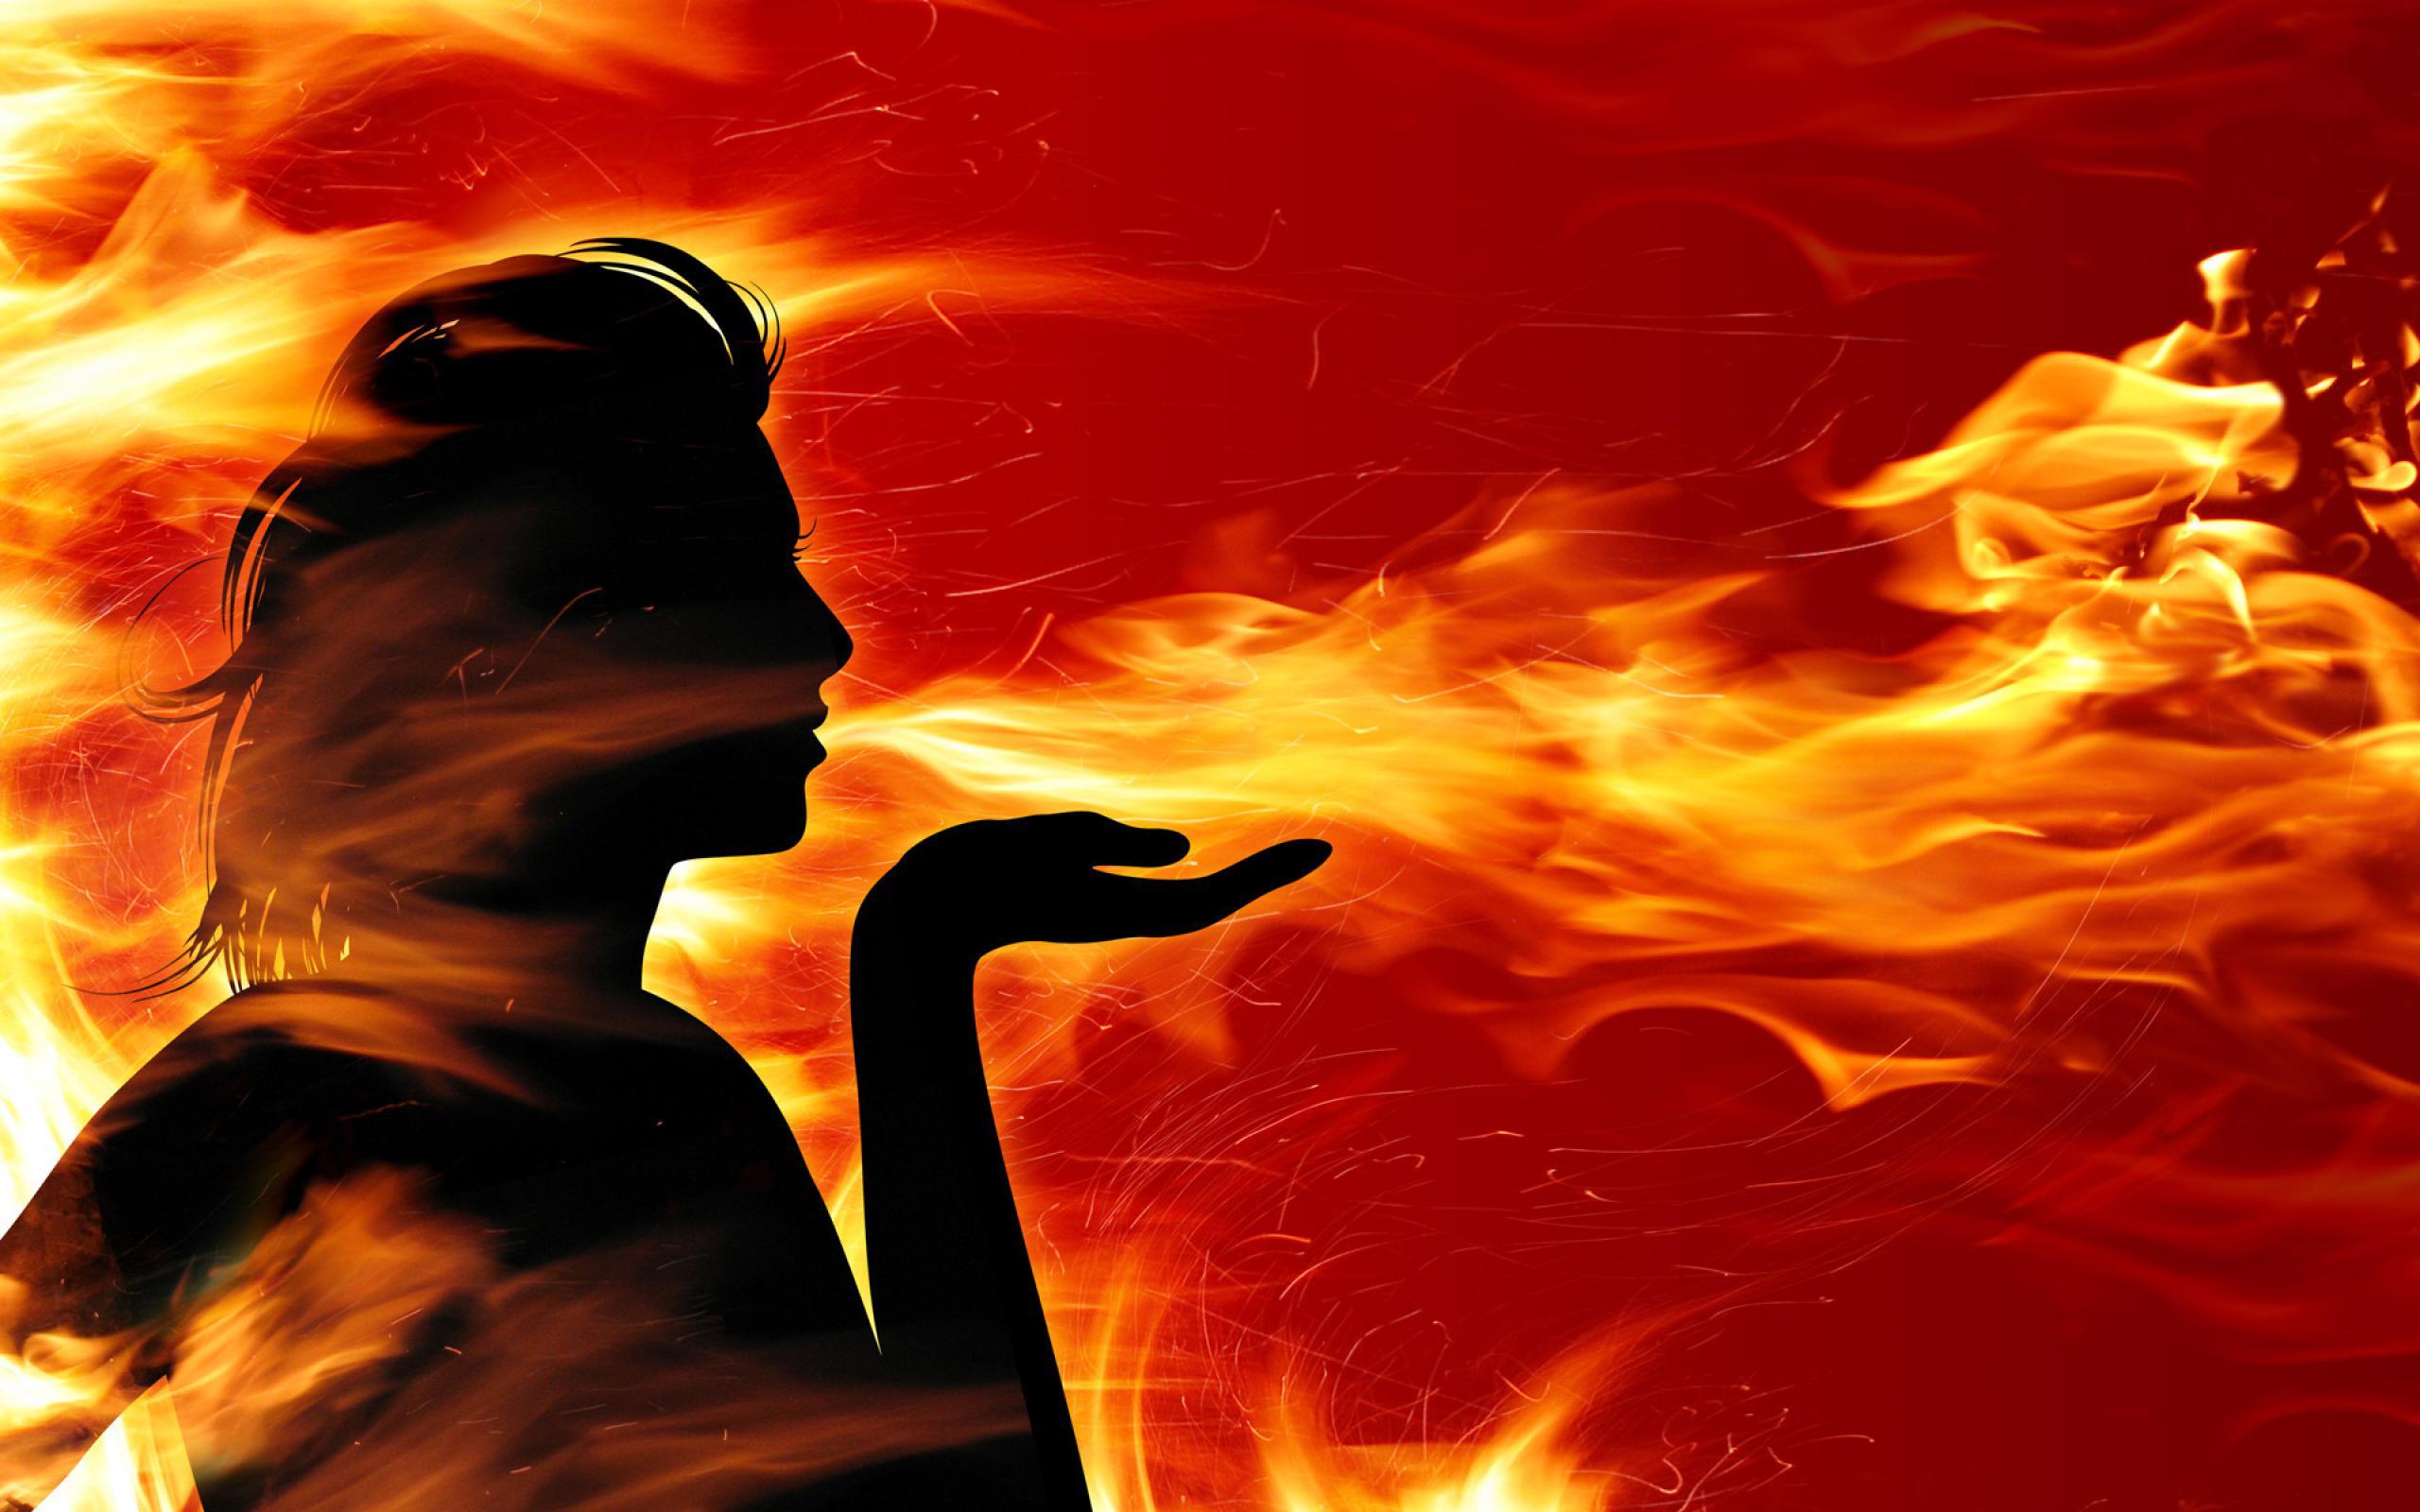 177 best Fire images on Pinterest | World wallpaper, Fire and Fire art